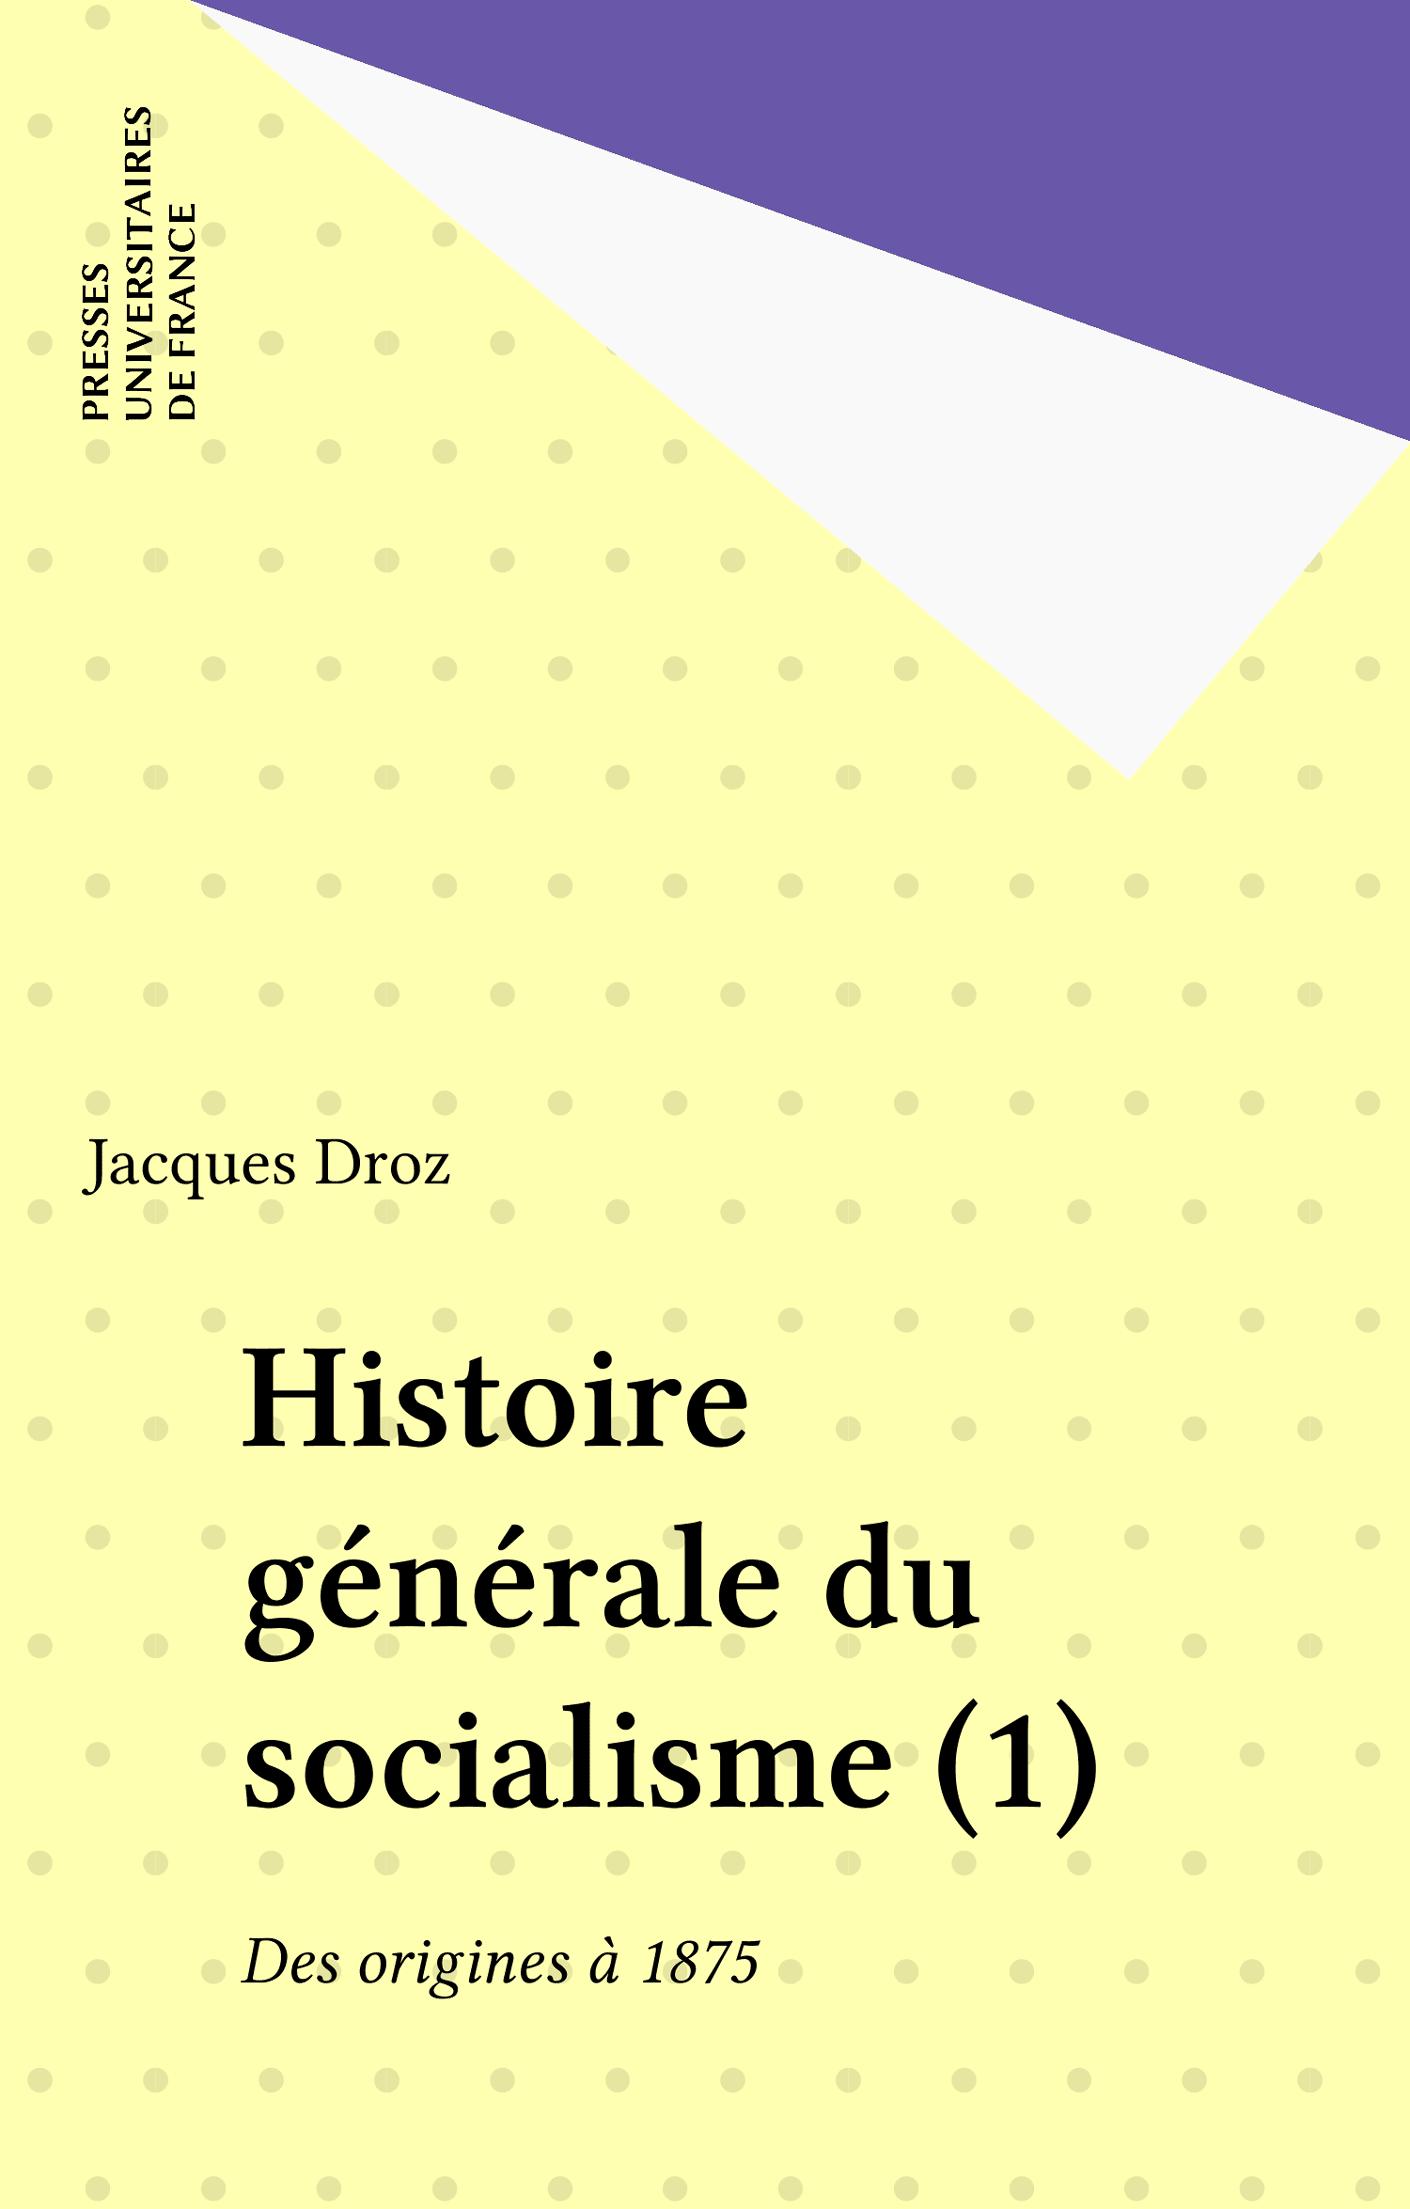 Histoire générale du socialisme (1)